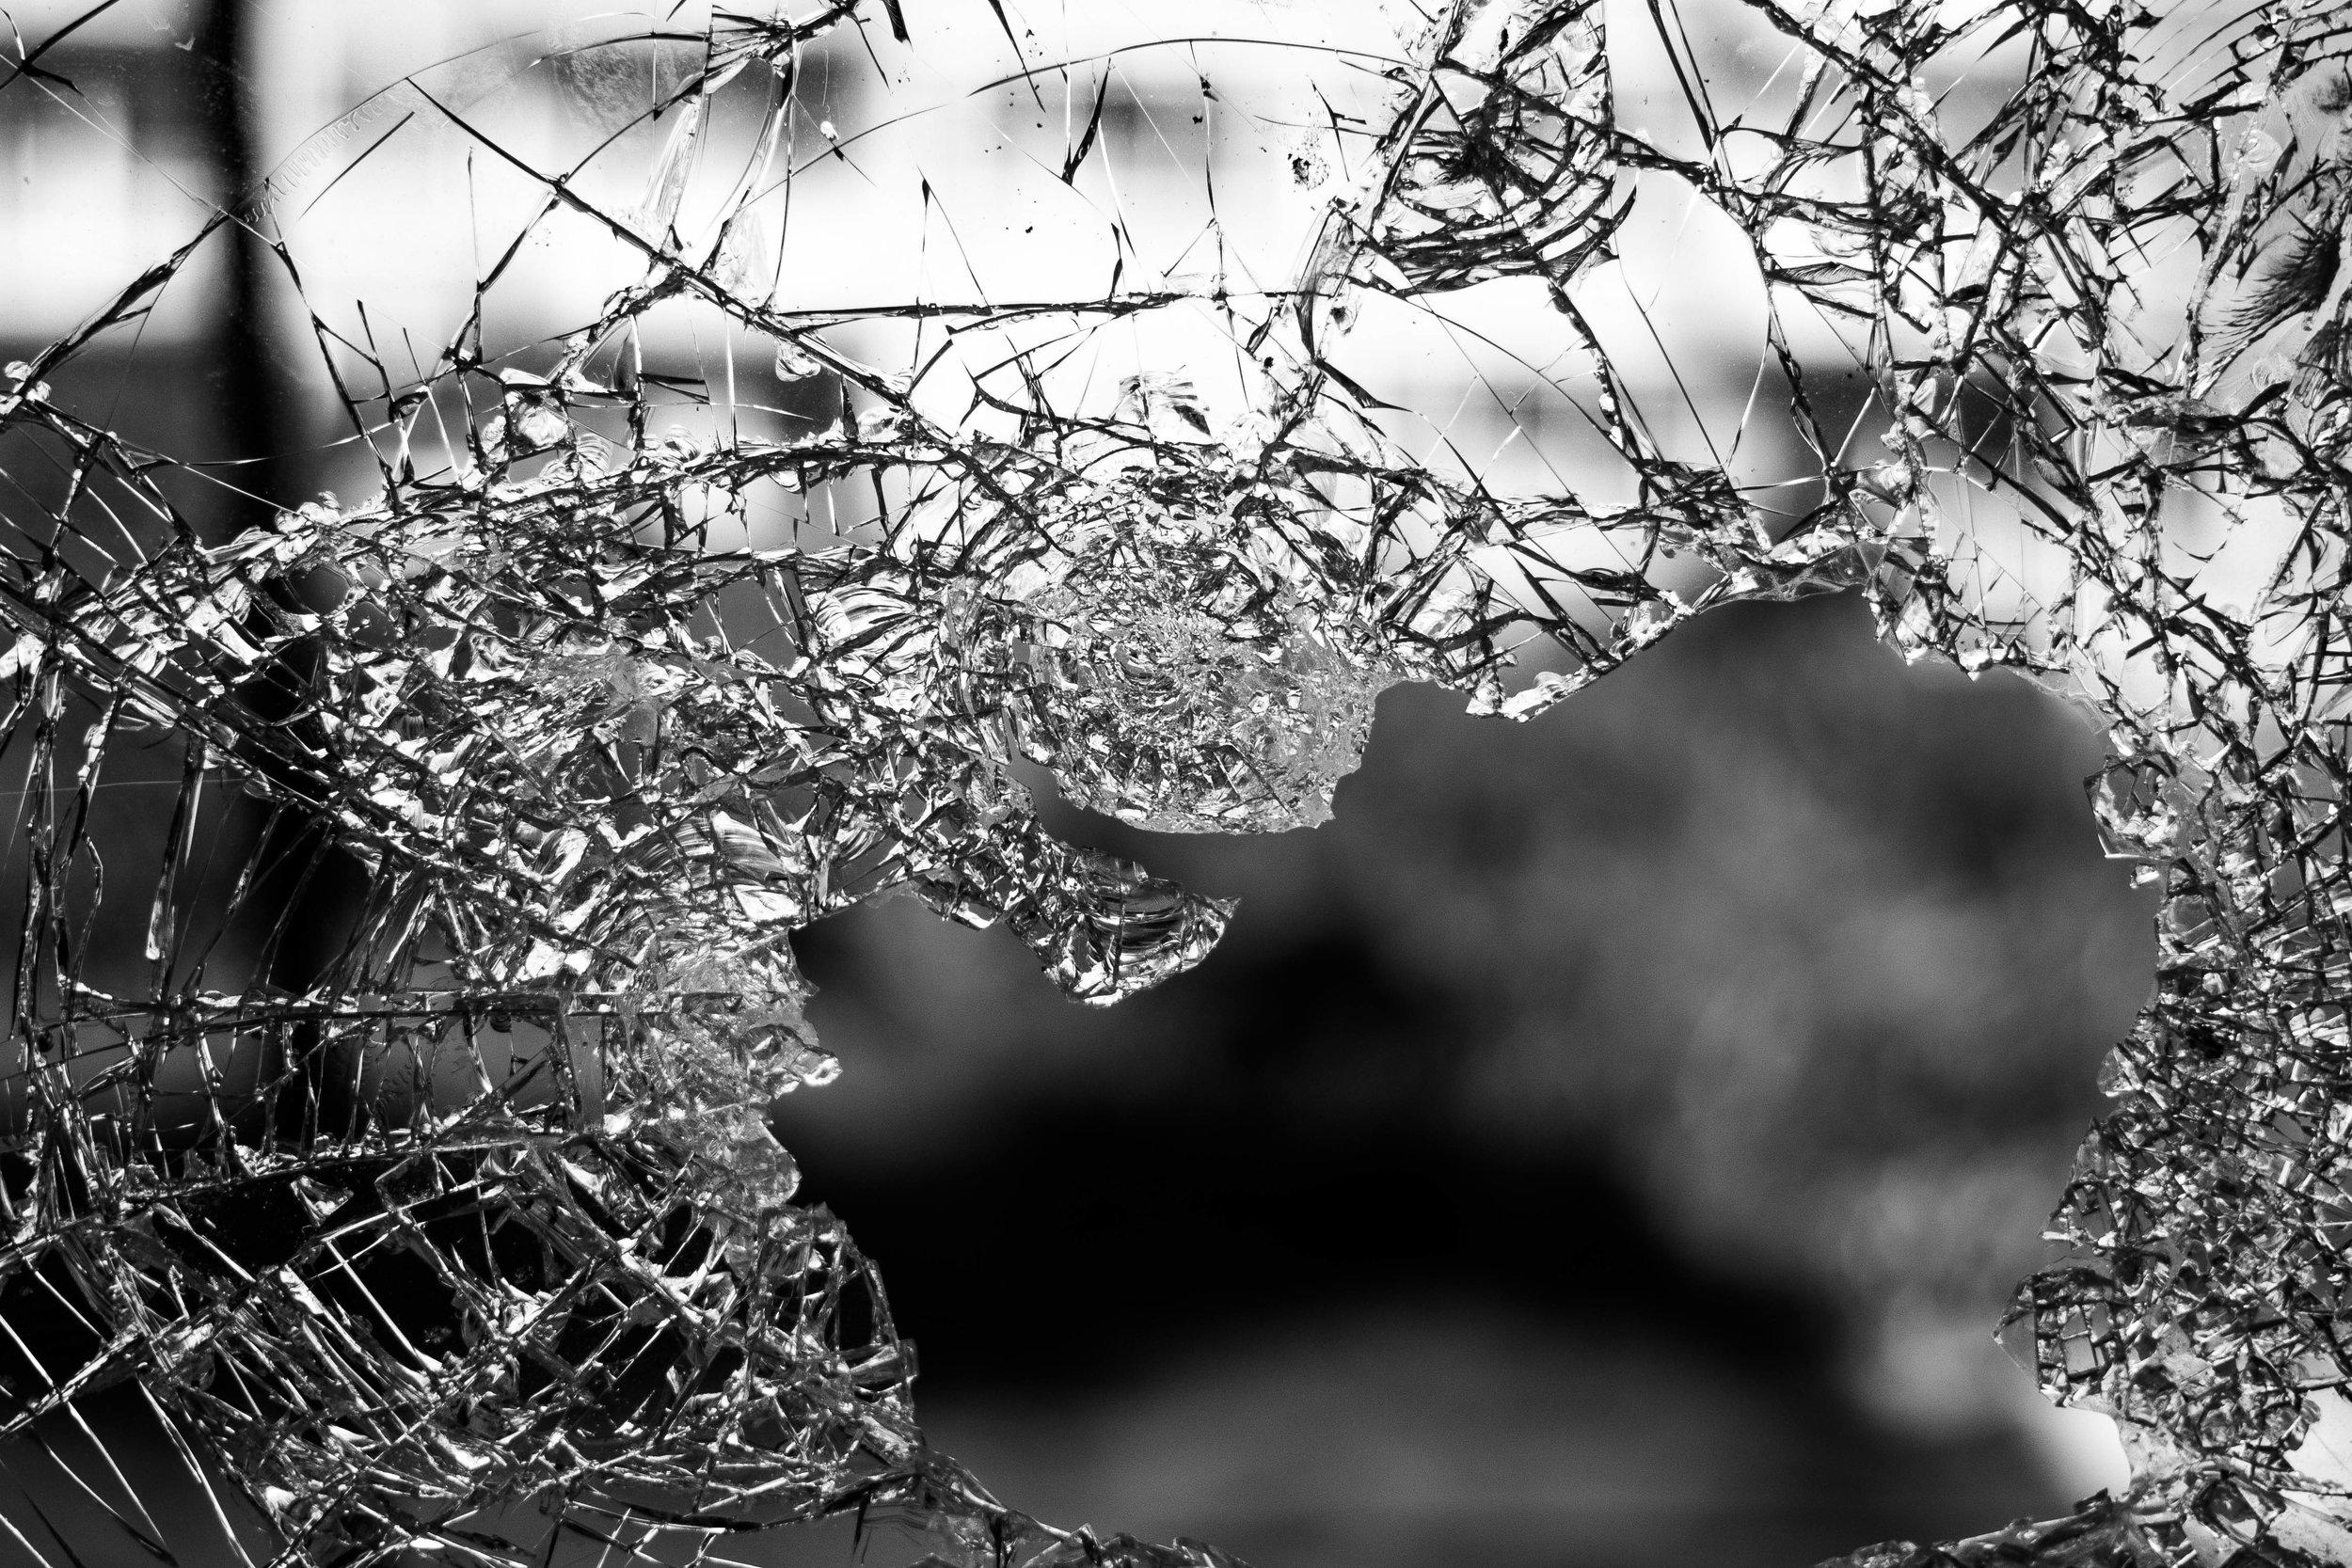 glass-984457.jpg